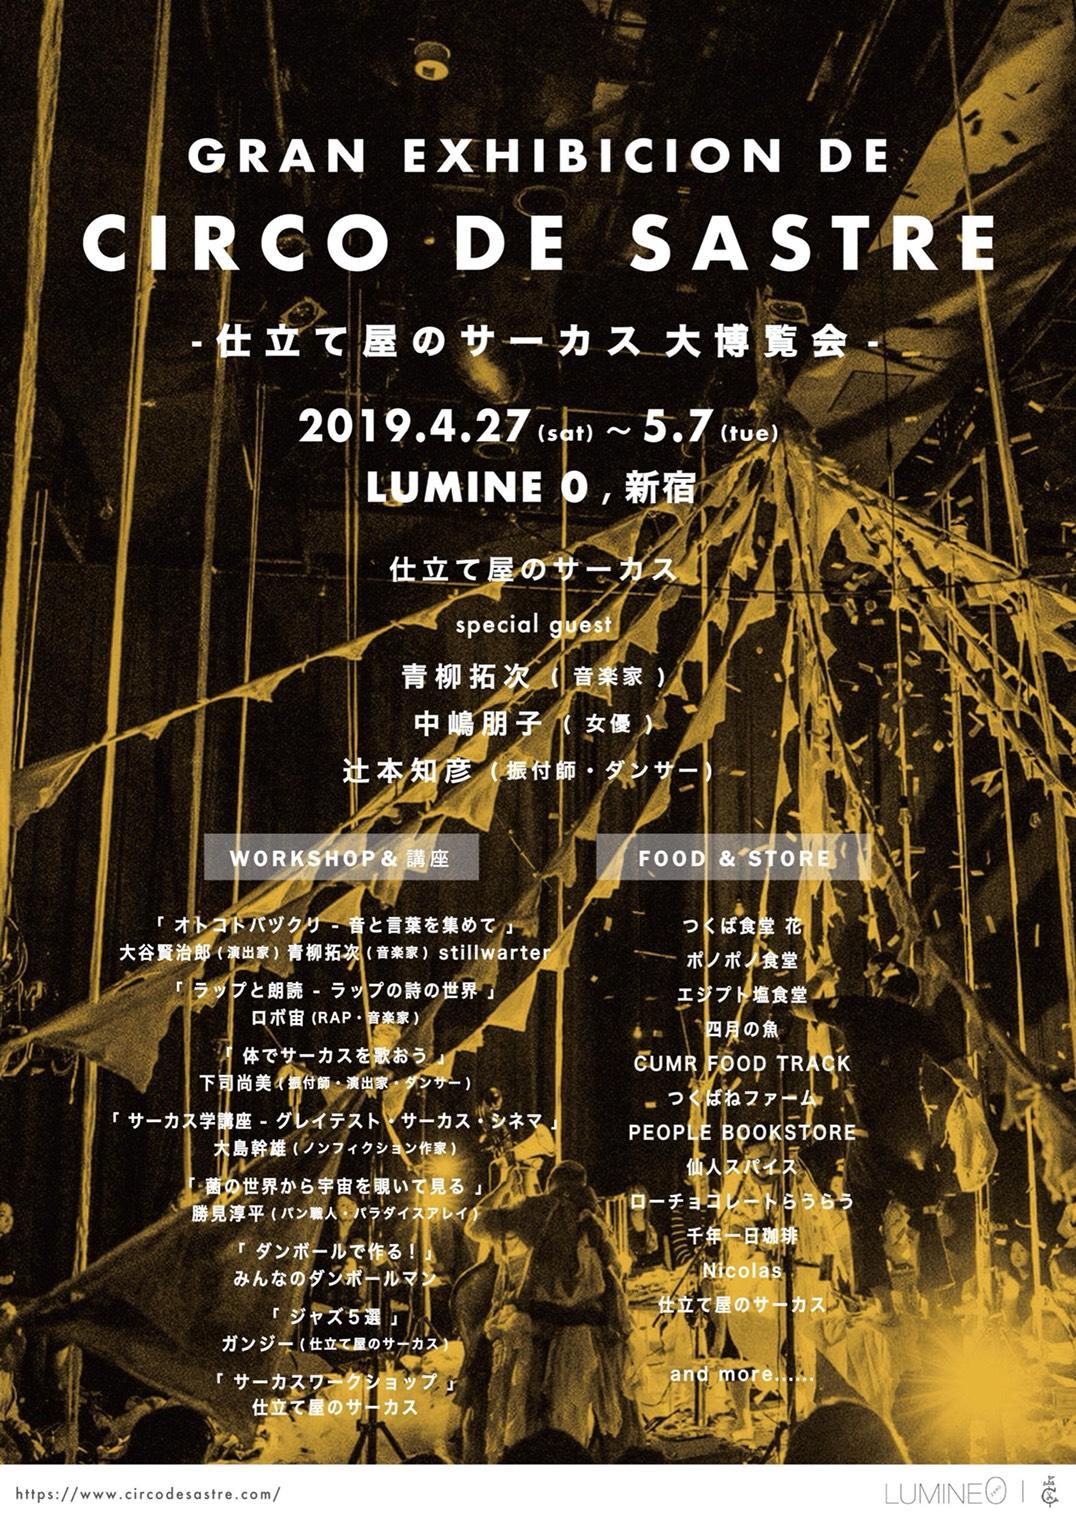 仕立て屋のサーカス大博覧会 - Gran Exhibición de Circo de Sastre・5/6(月)昼公演 ゲスト:辻本知彦 ( 振付師・ダンサー )